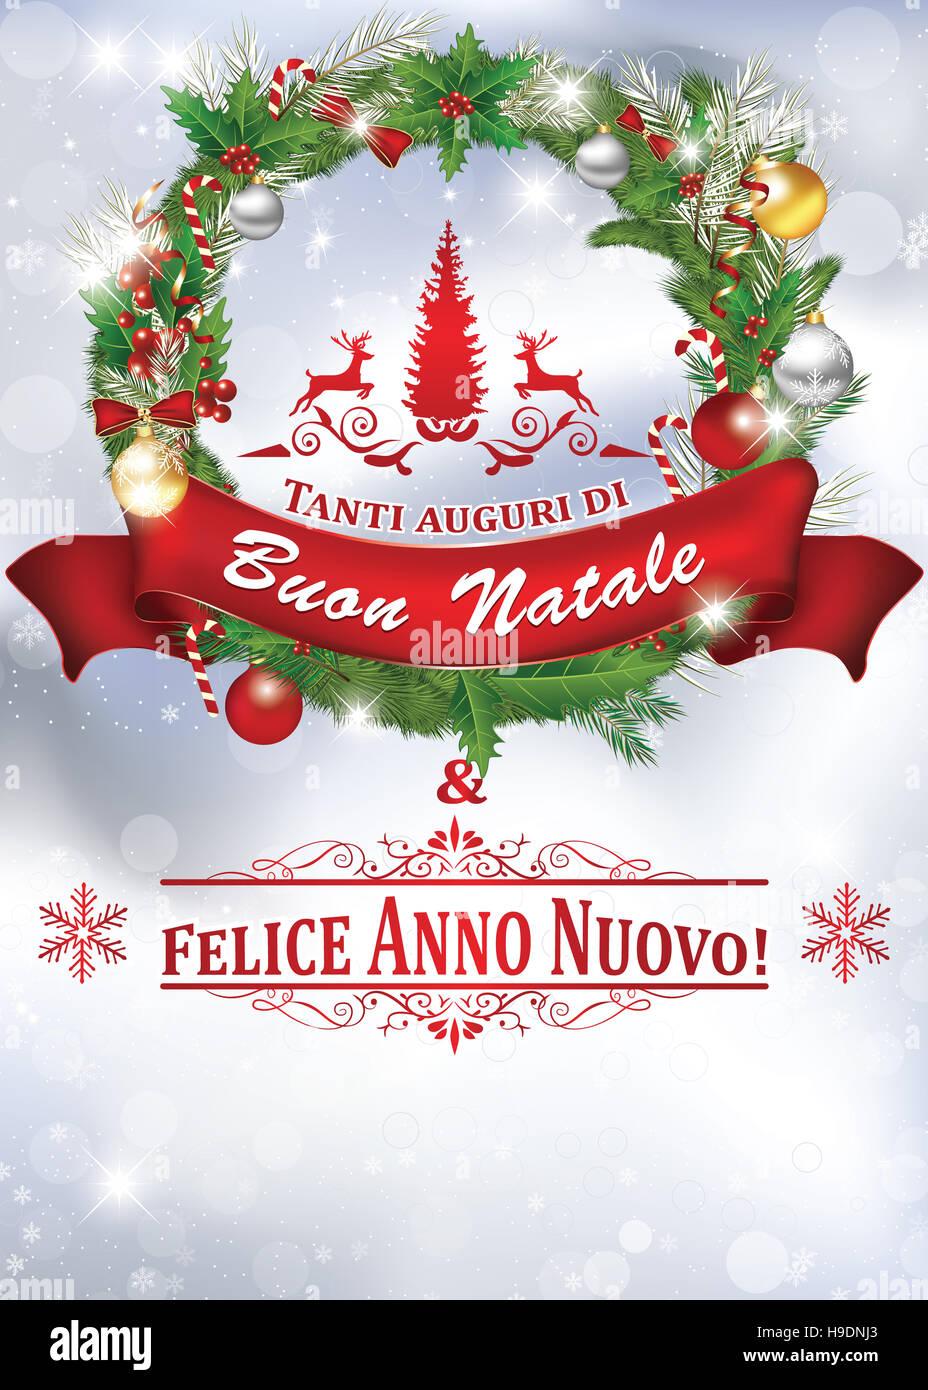 Auguri Di Buon Natale E Buon Anno.Tanti Auguri Di Buon Natale Felice Anno Nuovo Biglietto D Auguri Colori Di Stampa Stock Photo Alamy